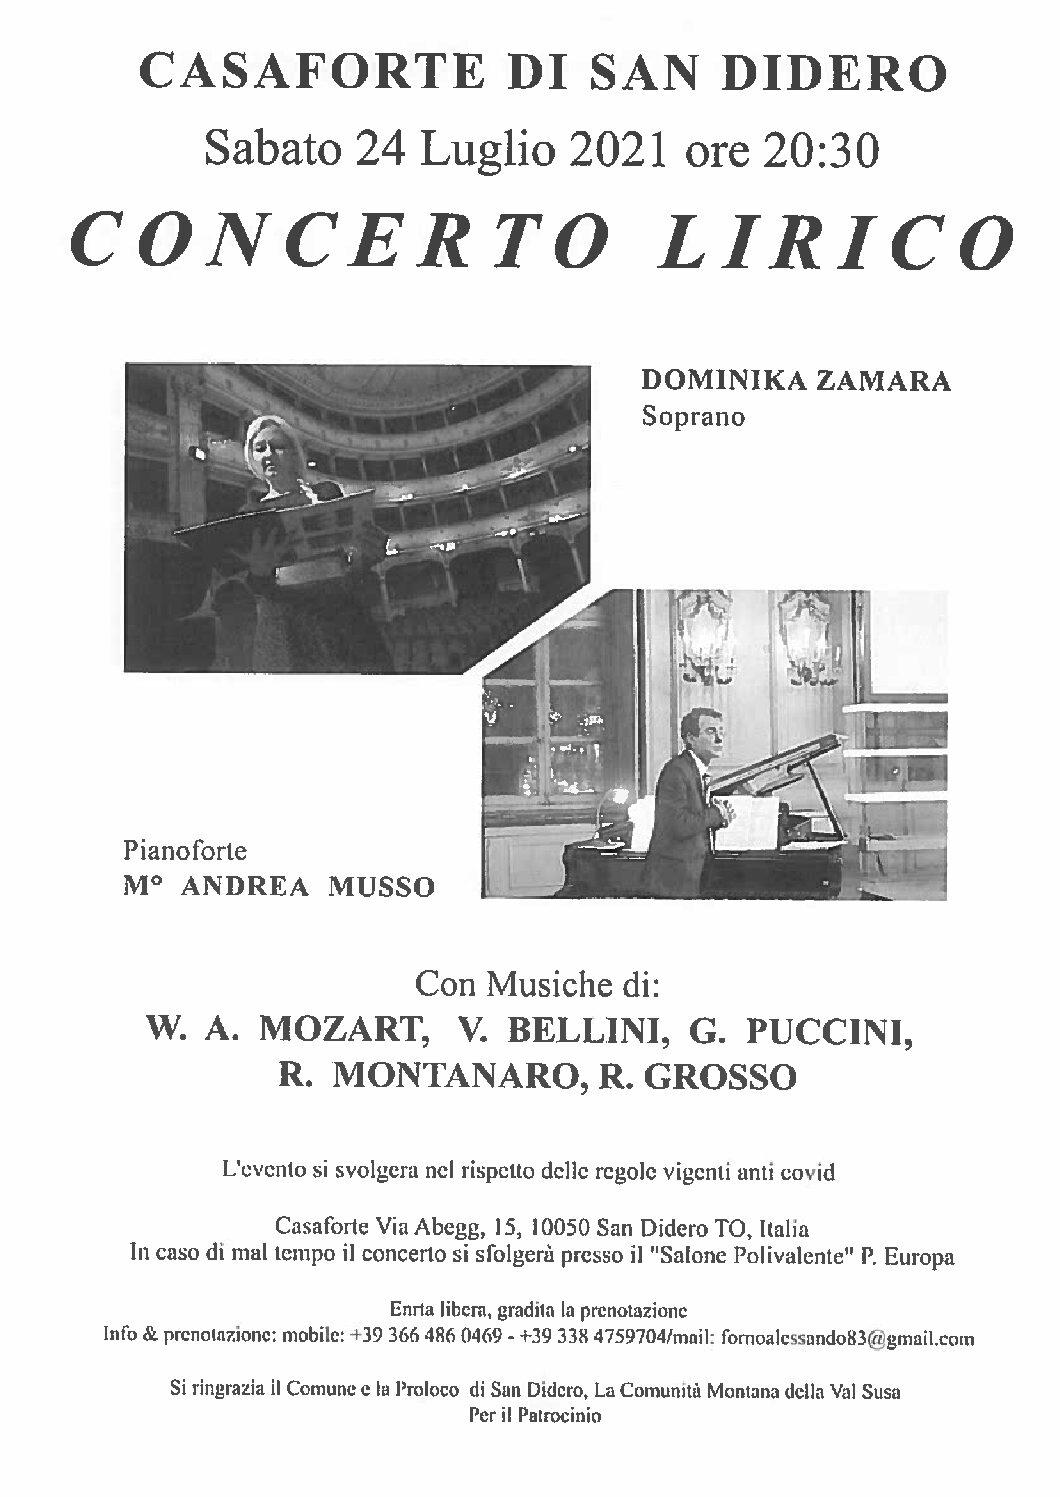 CONCERTO LIRICO – SABATO 24 LUGLIO 2021 ORE 20,30